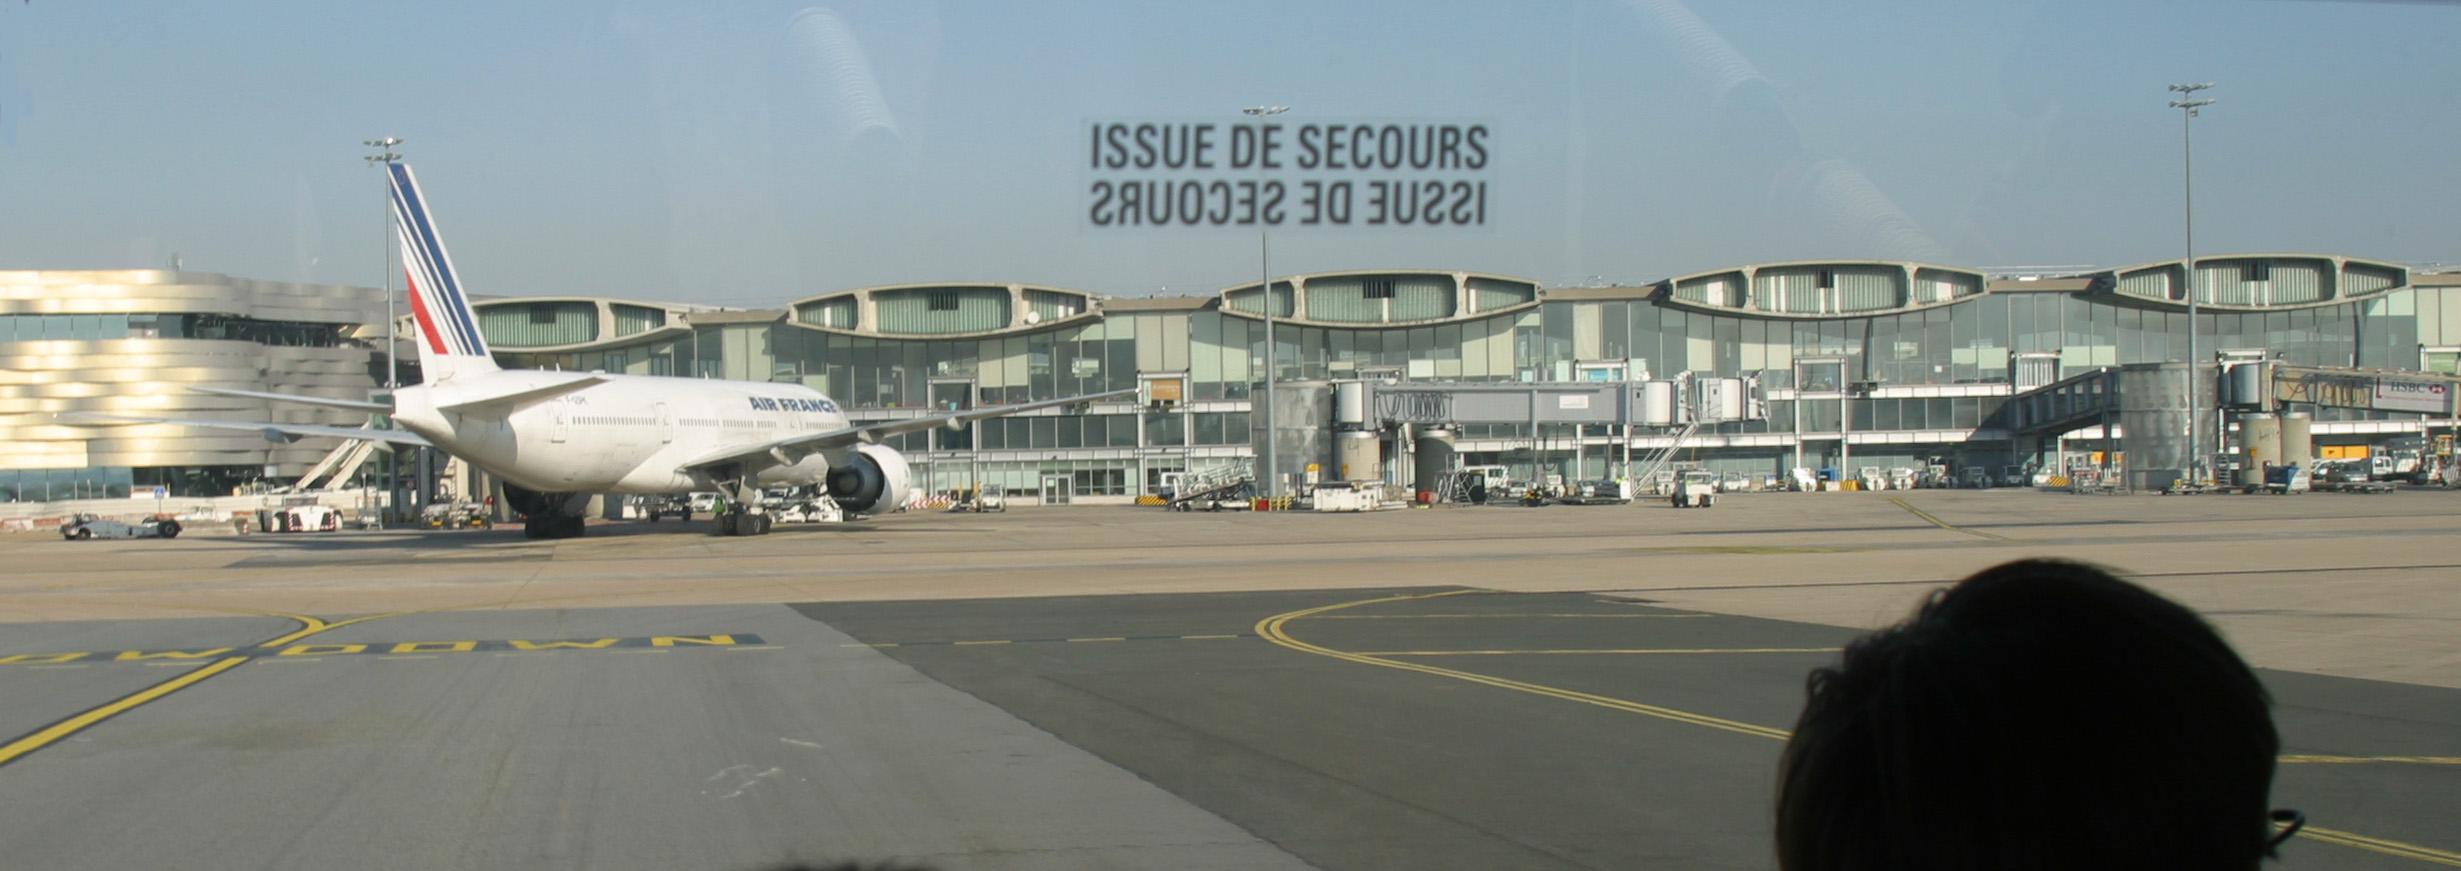 Dans les coulisses de paris charles de gaulle aviation for Salon air france terminal 2e